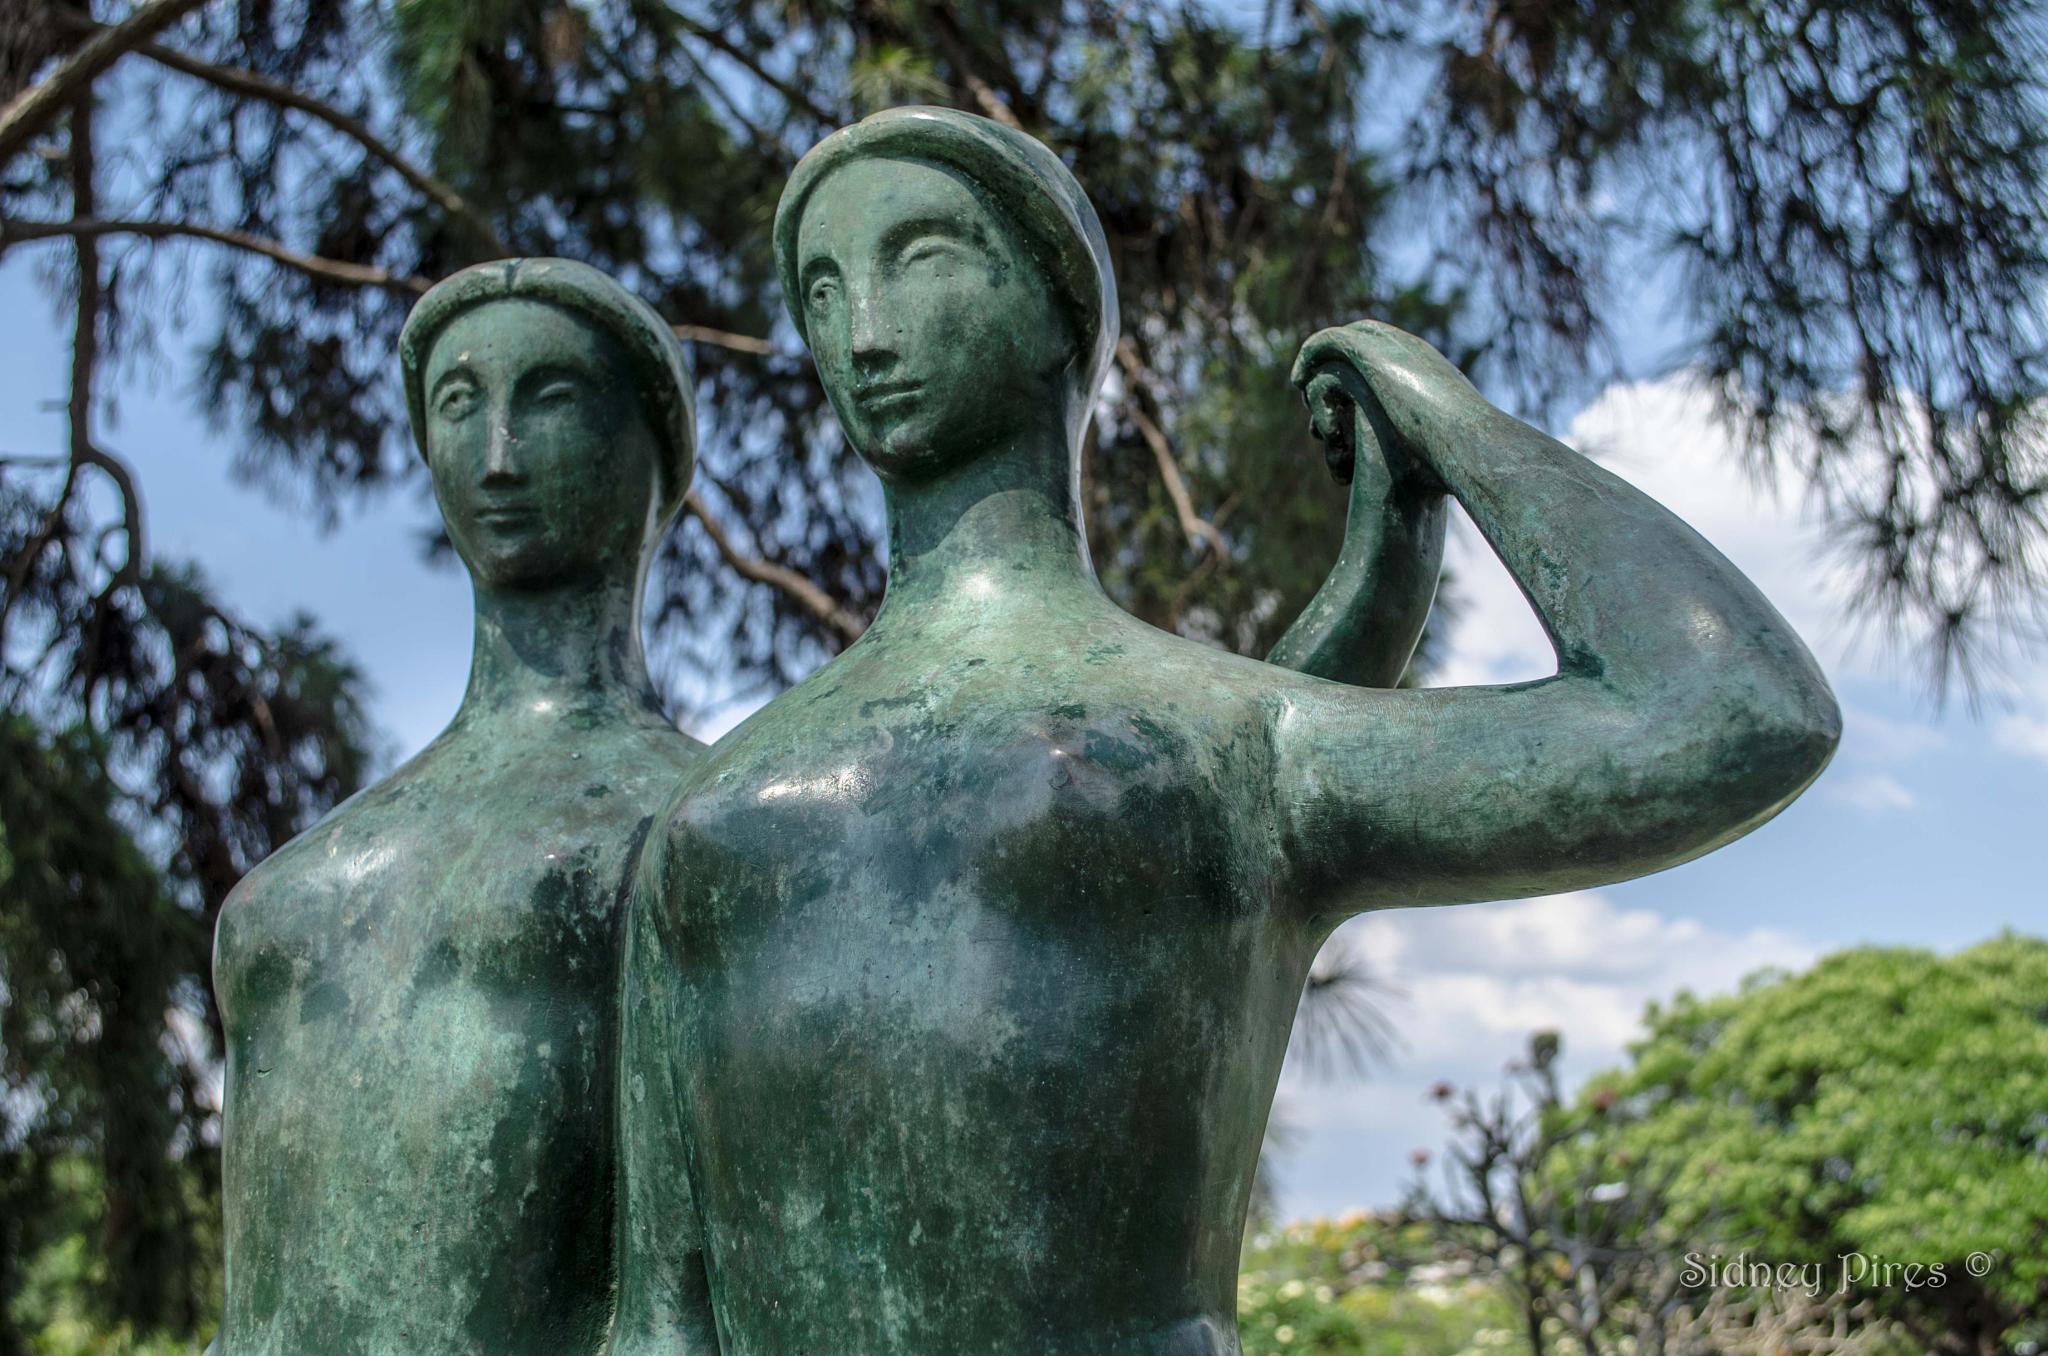 Escultura do Ibirapuera by Sidney Pires Fotografia